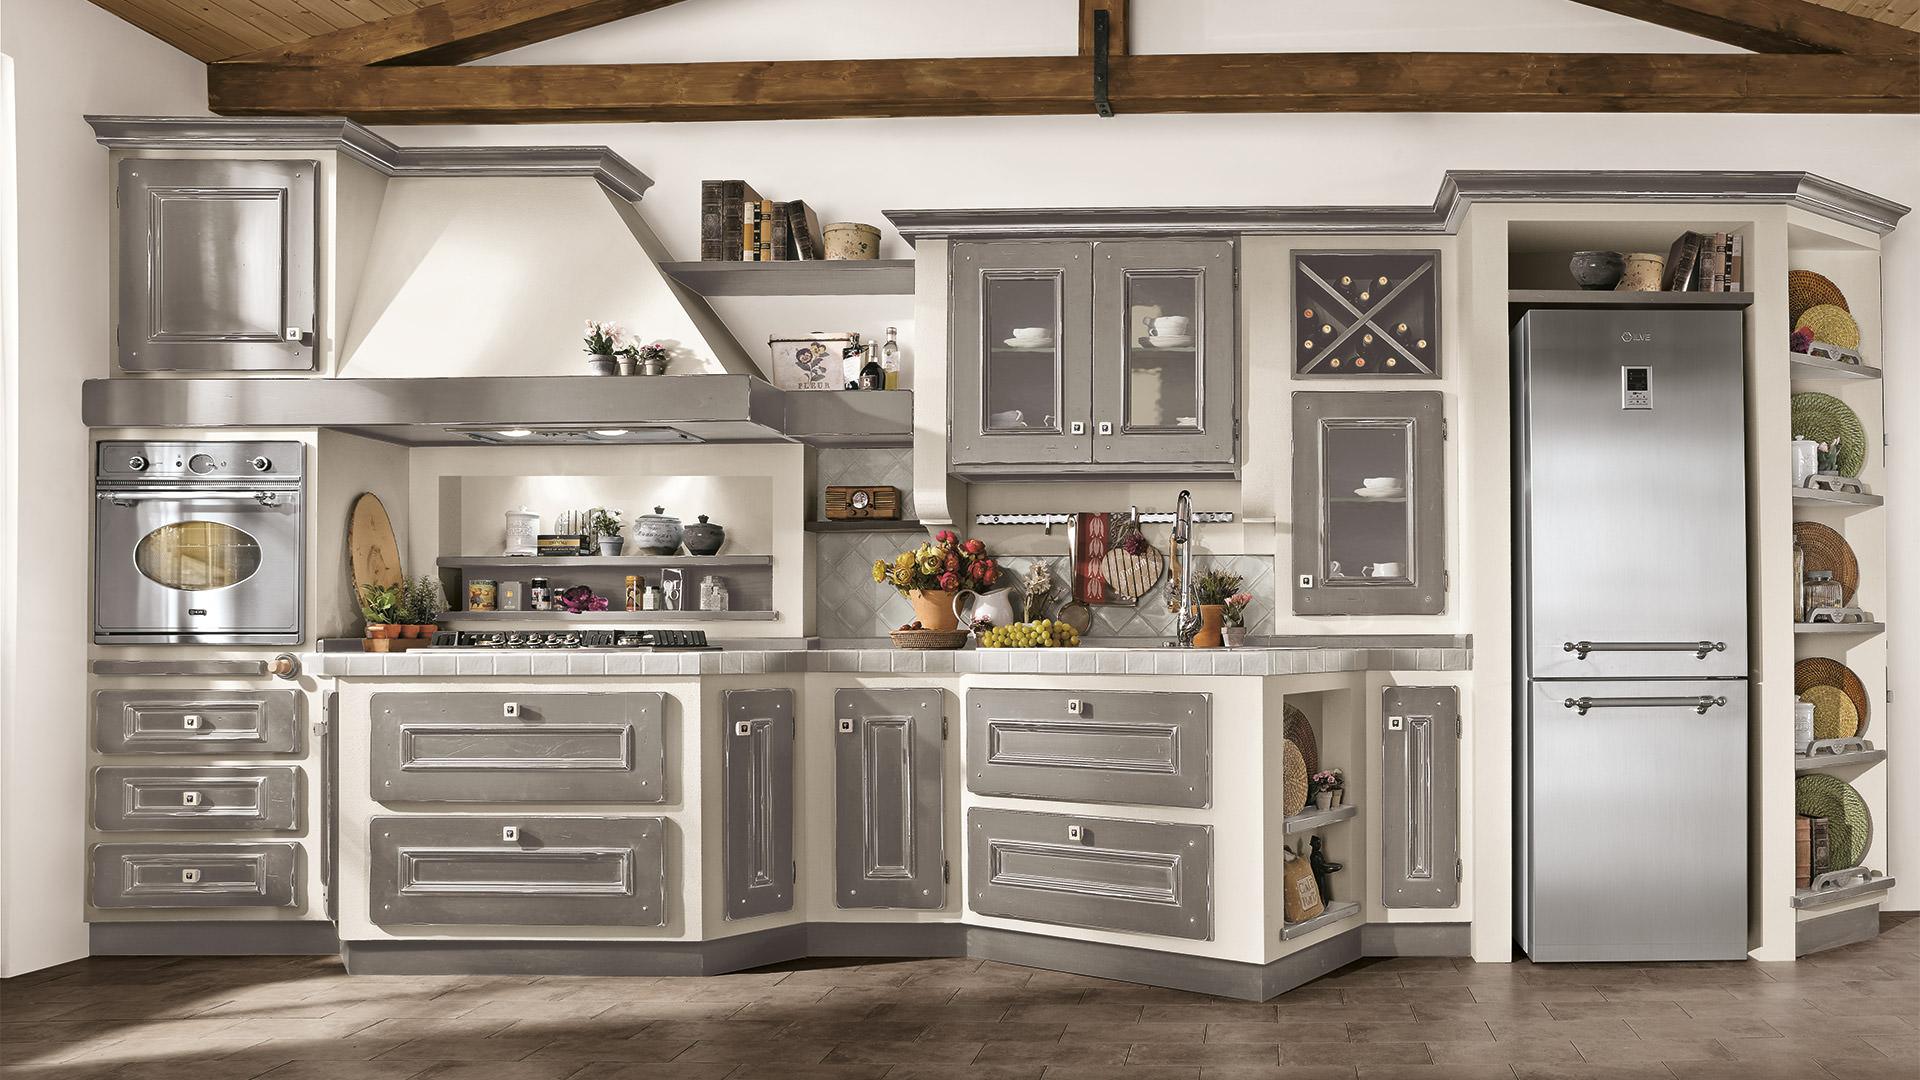 Cucina lube classica contemporanea beatrice 1 rafaschieri arredamenti - Cucina classica contemporanea ...